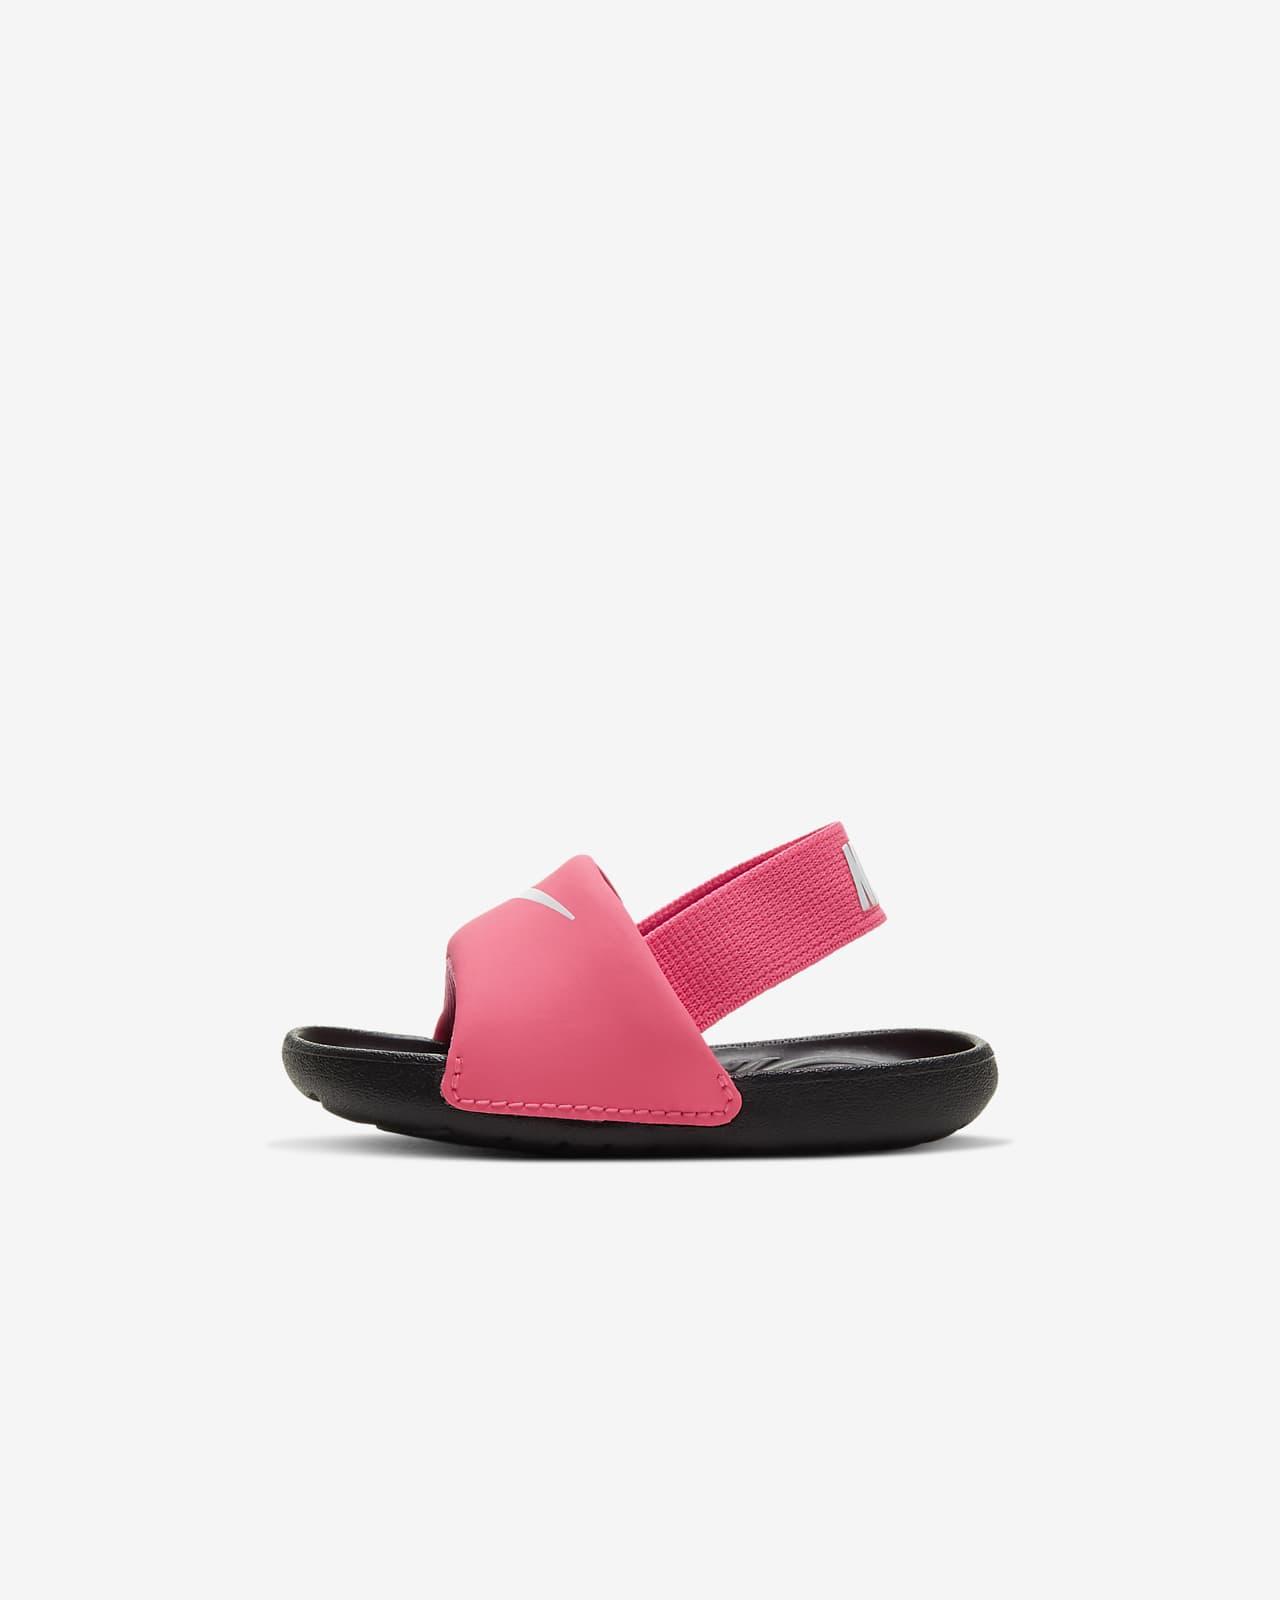 Nike Kawa Baby & Toddler Slides